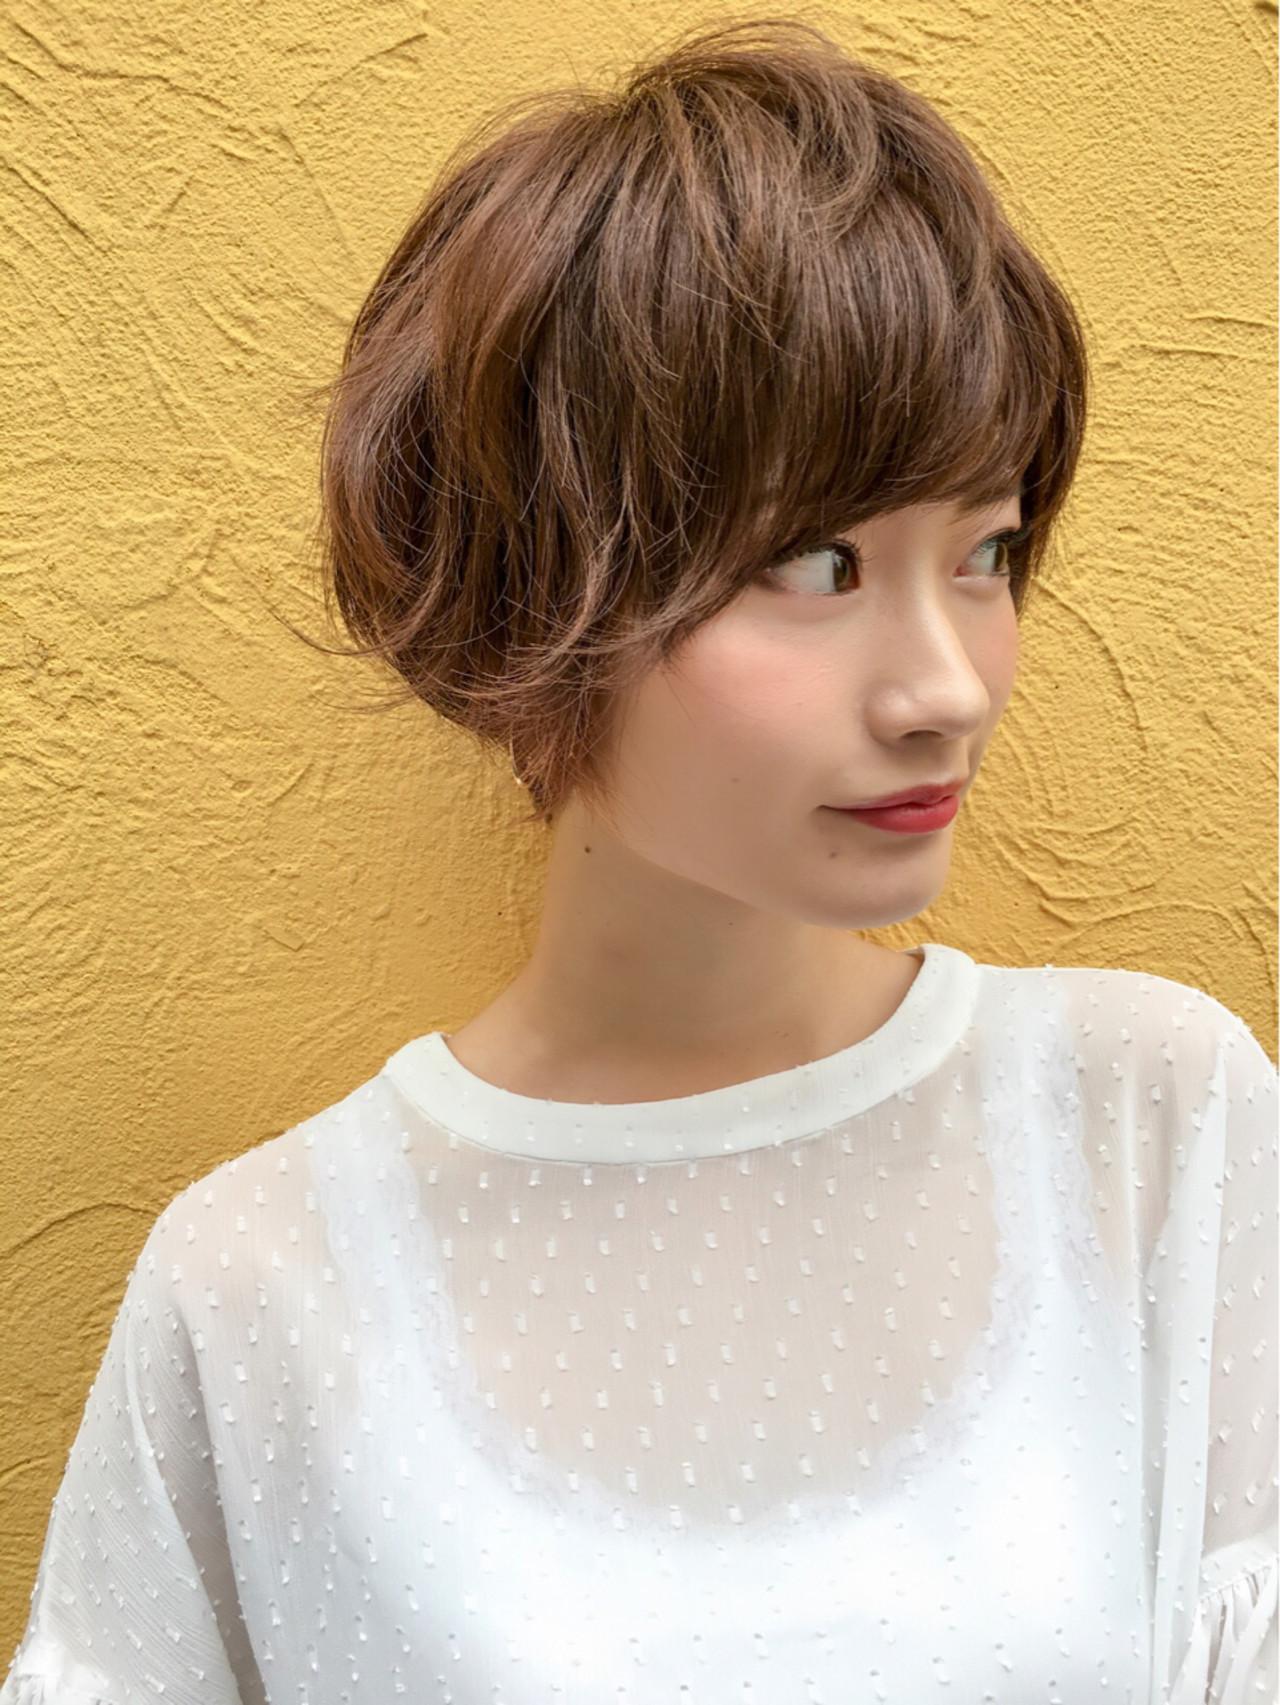 小顔 ショートボブ 色気 ナチュラル ヘアスタイルや髪型の写真・画像